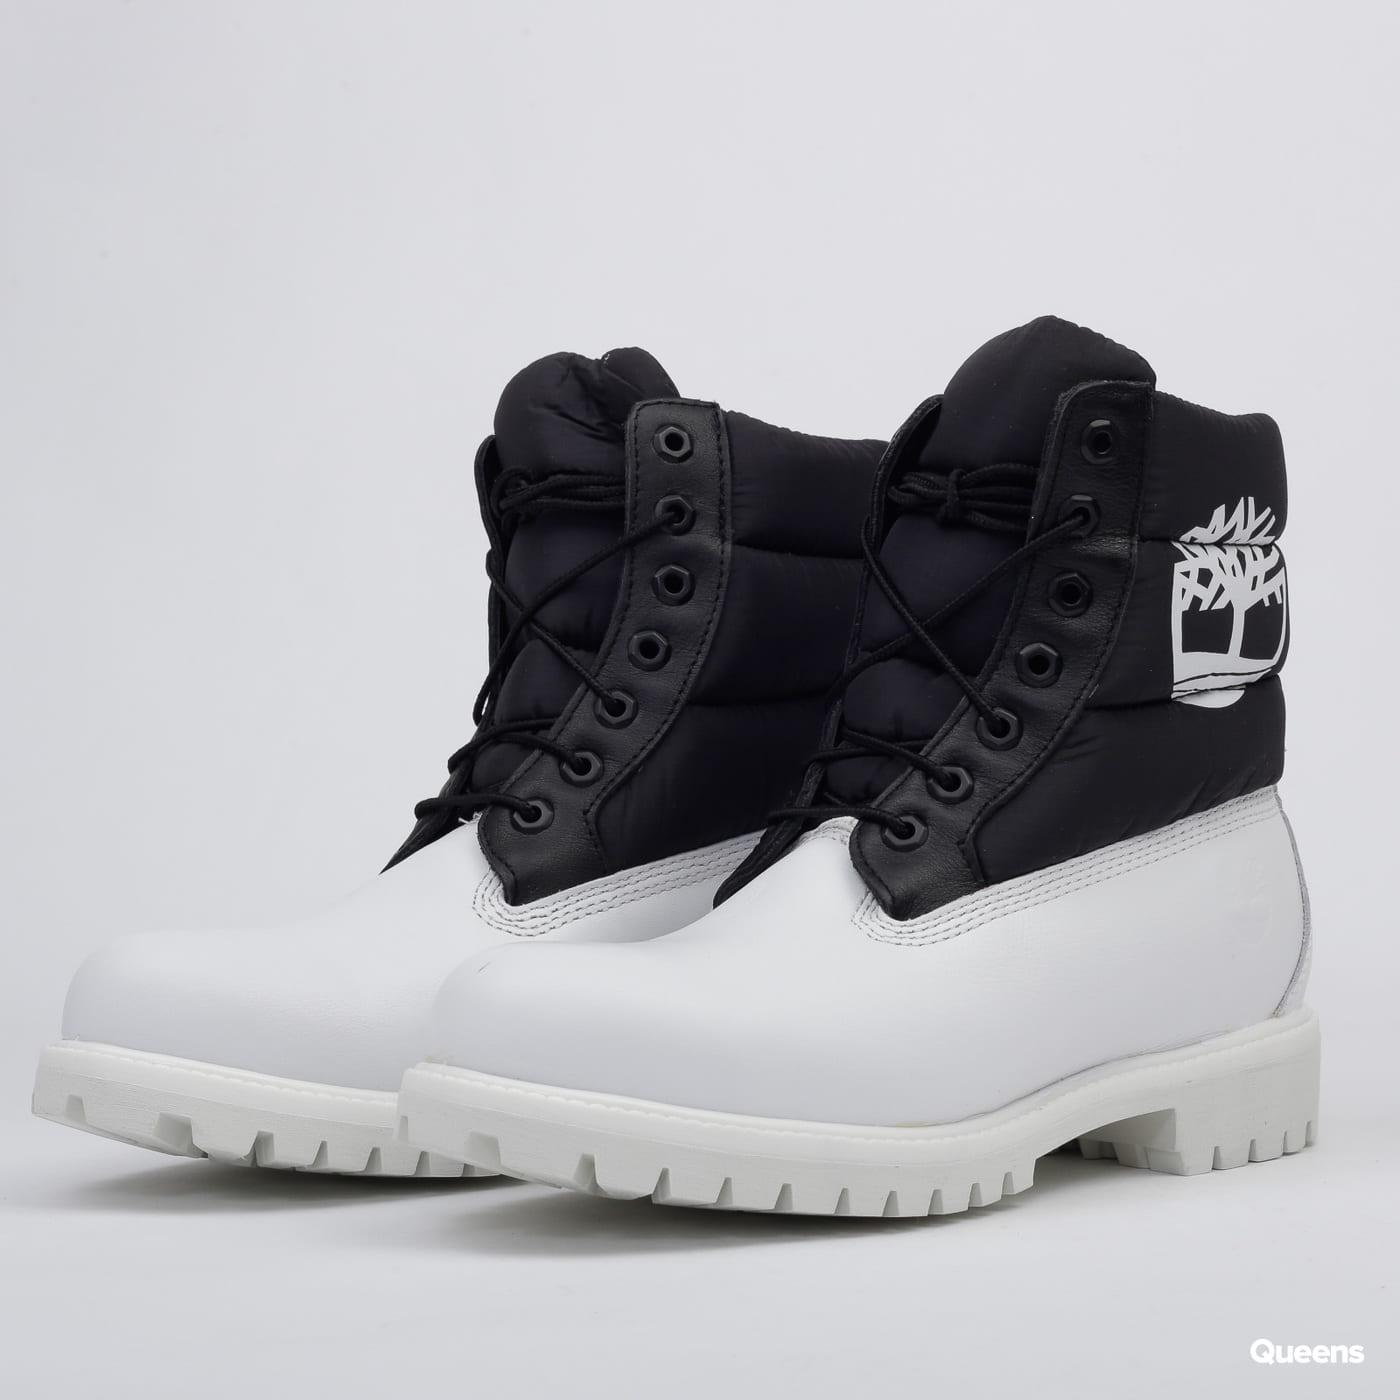 Timberland 6 In Premium Quilt Boot white nubuck